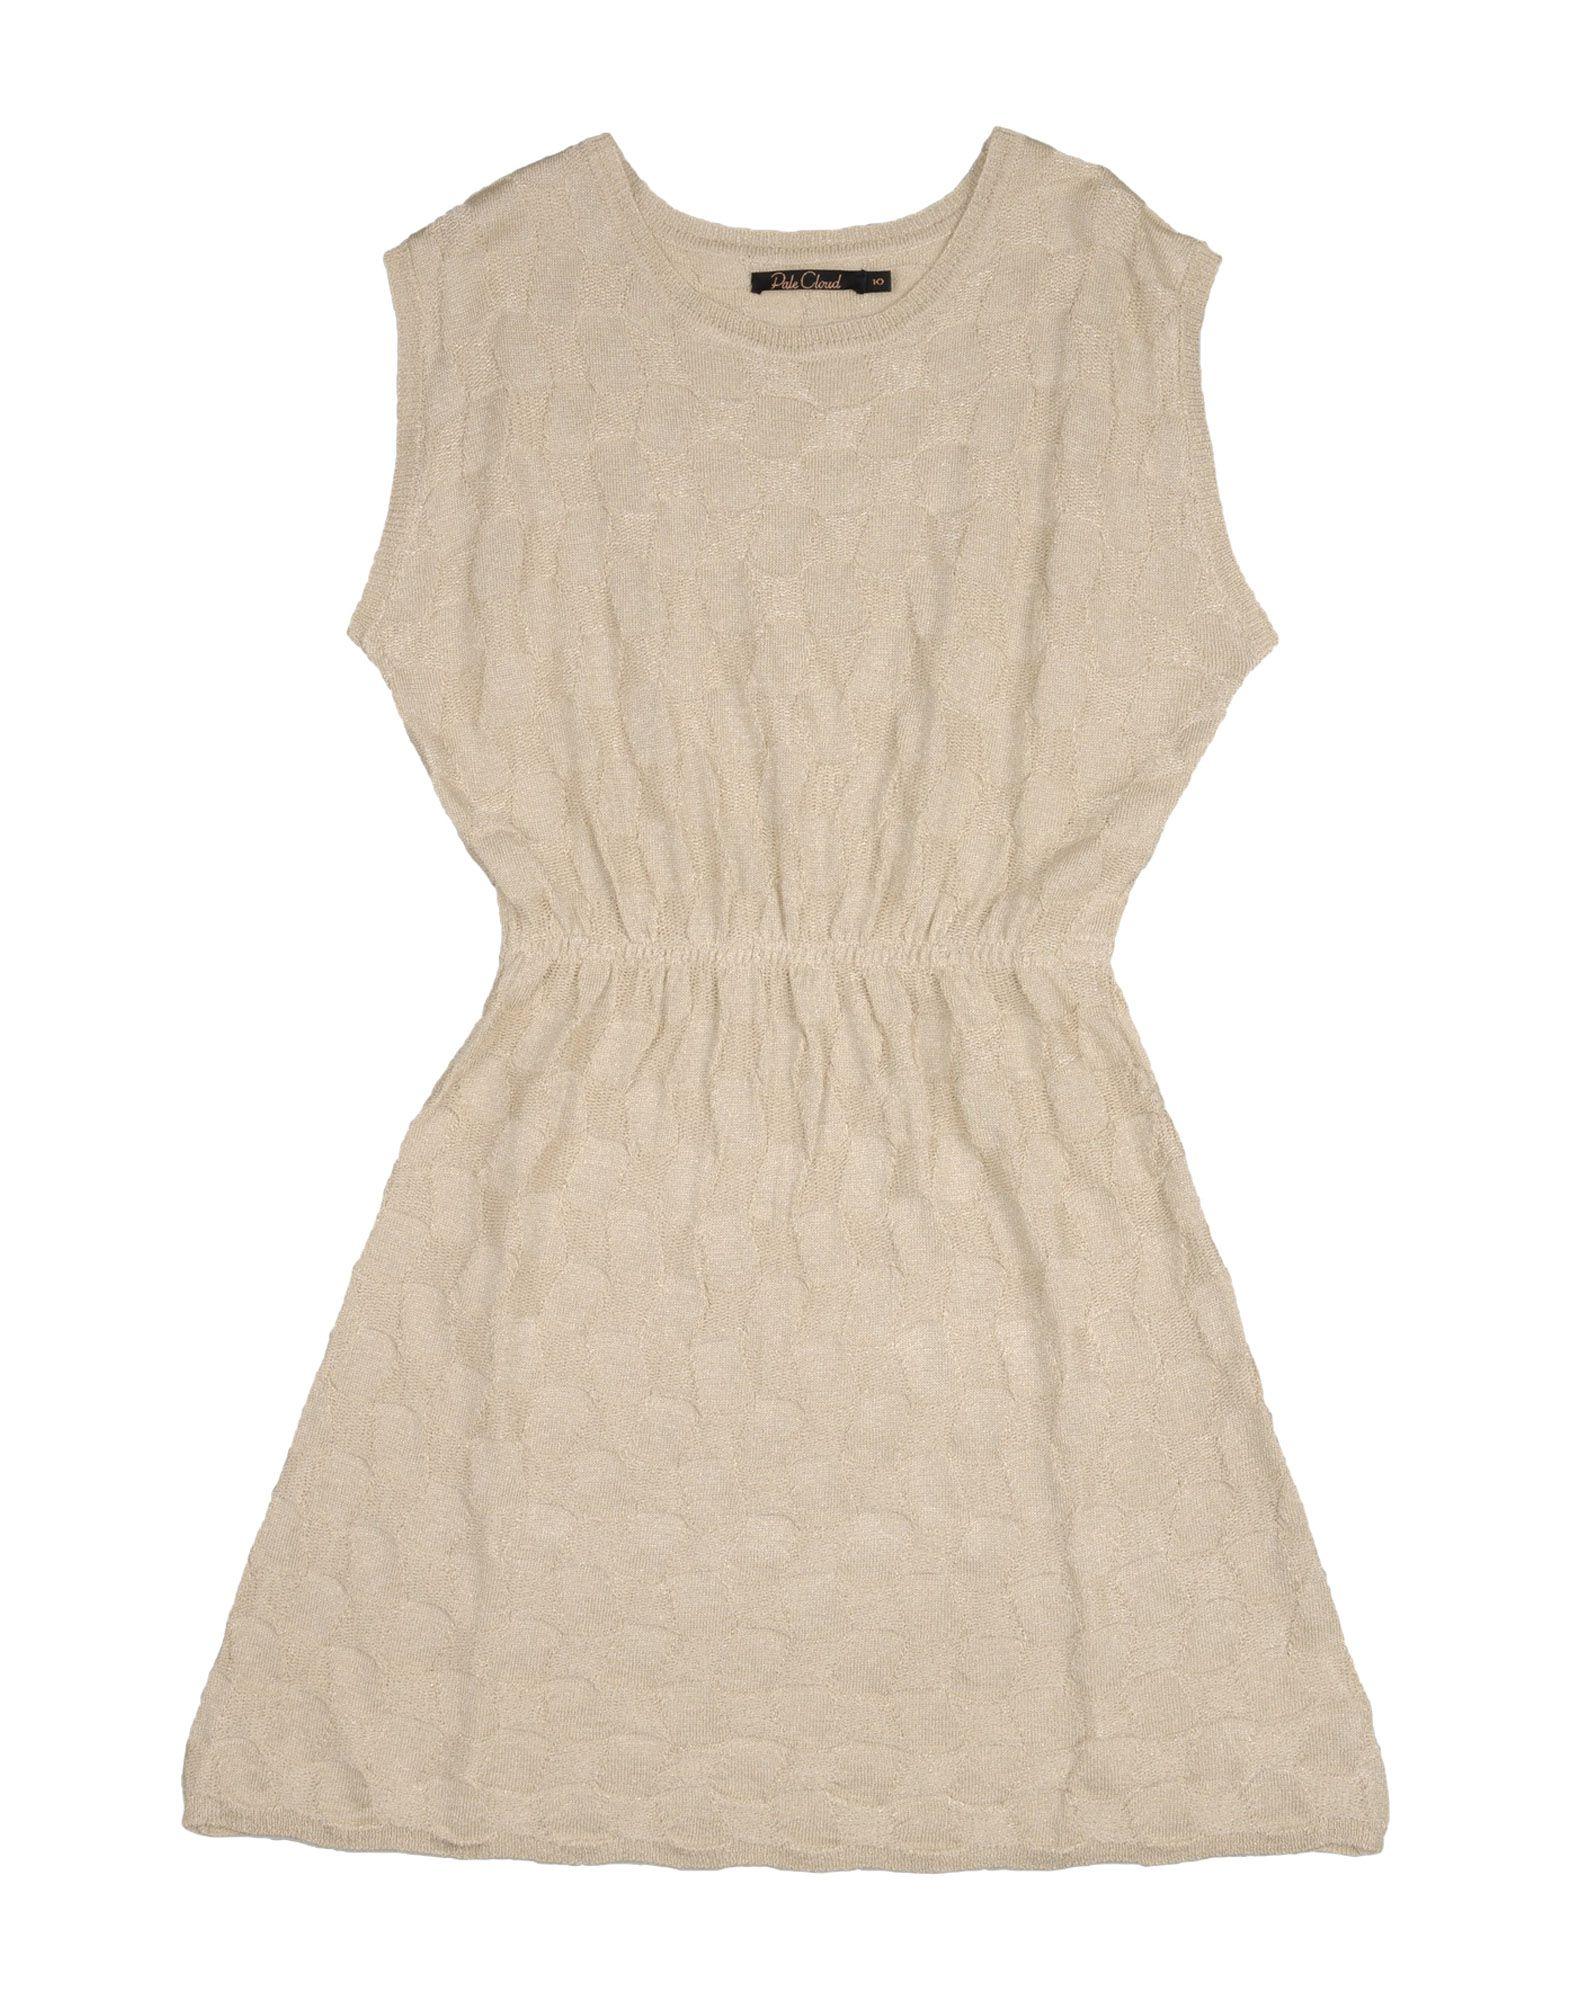 PALE CLOUD Mädchen 9-16 jahre Kleid Farbe Beige Größe 4